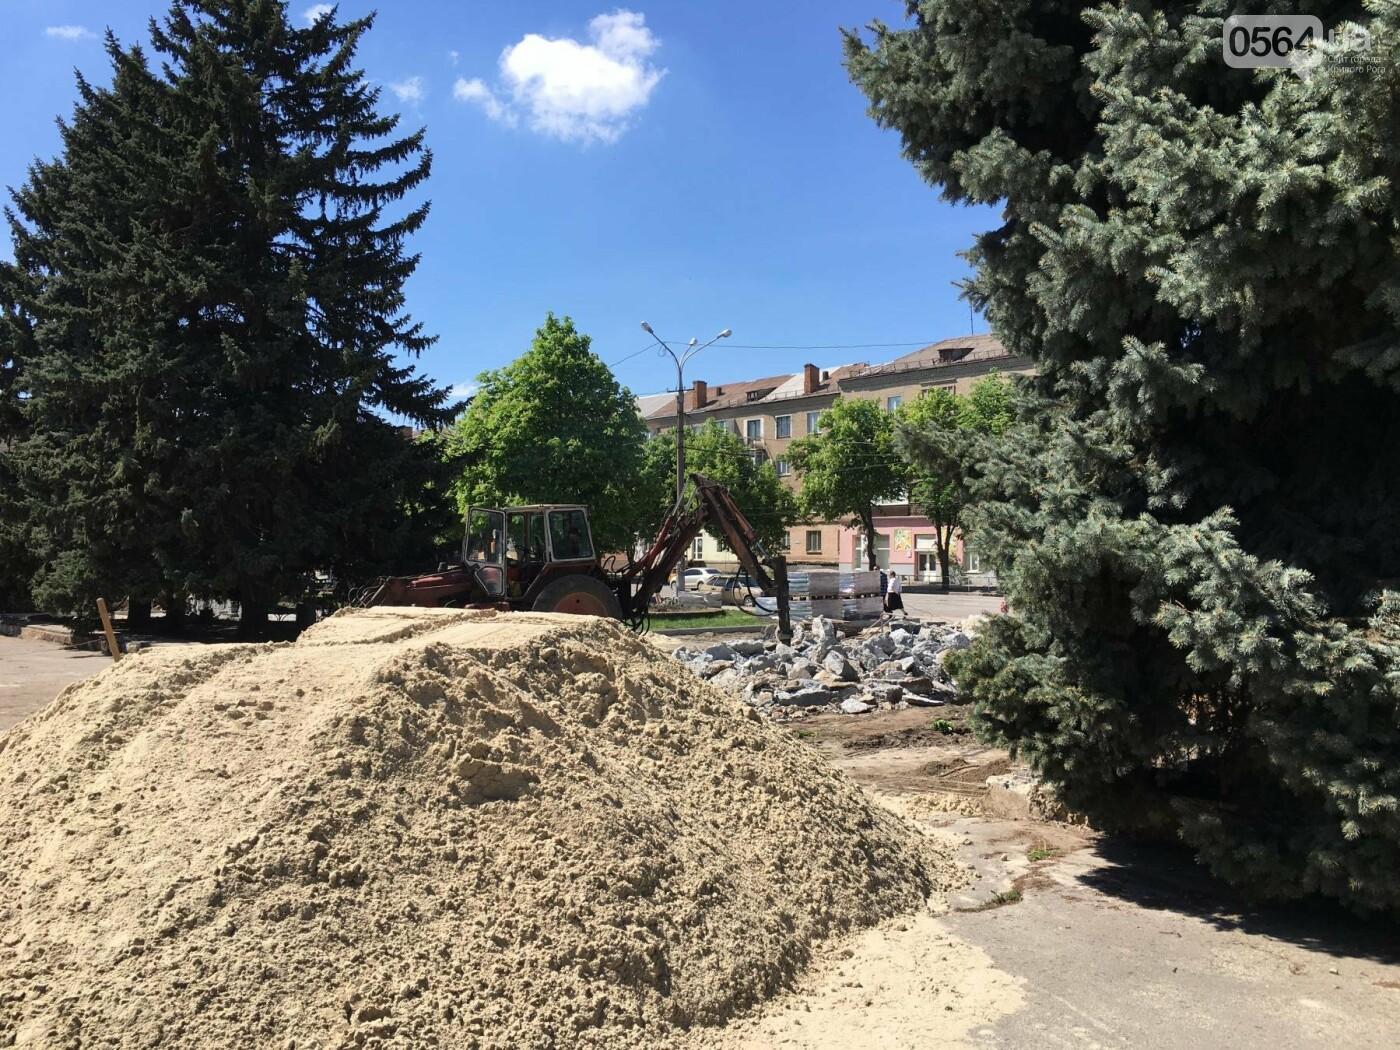 В Кривом Роге перед Дворцом культуры убрали остатки памятника Ленину (ФОТО), фото-23